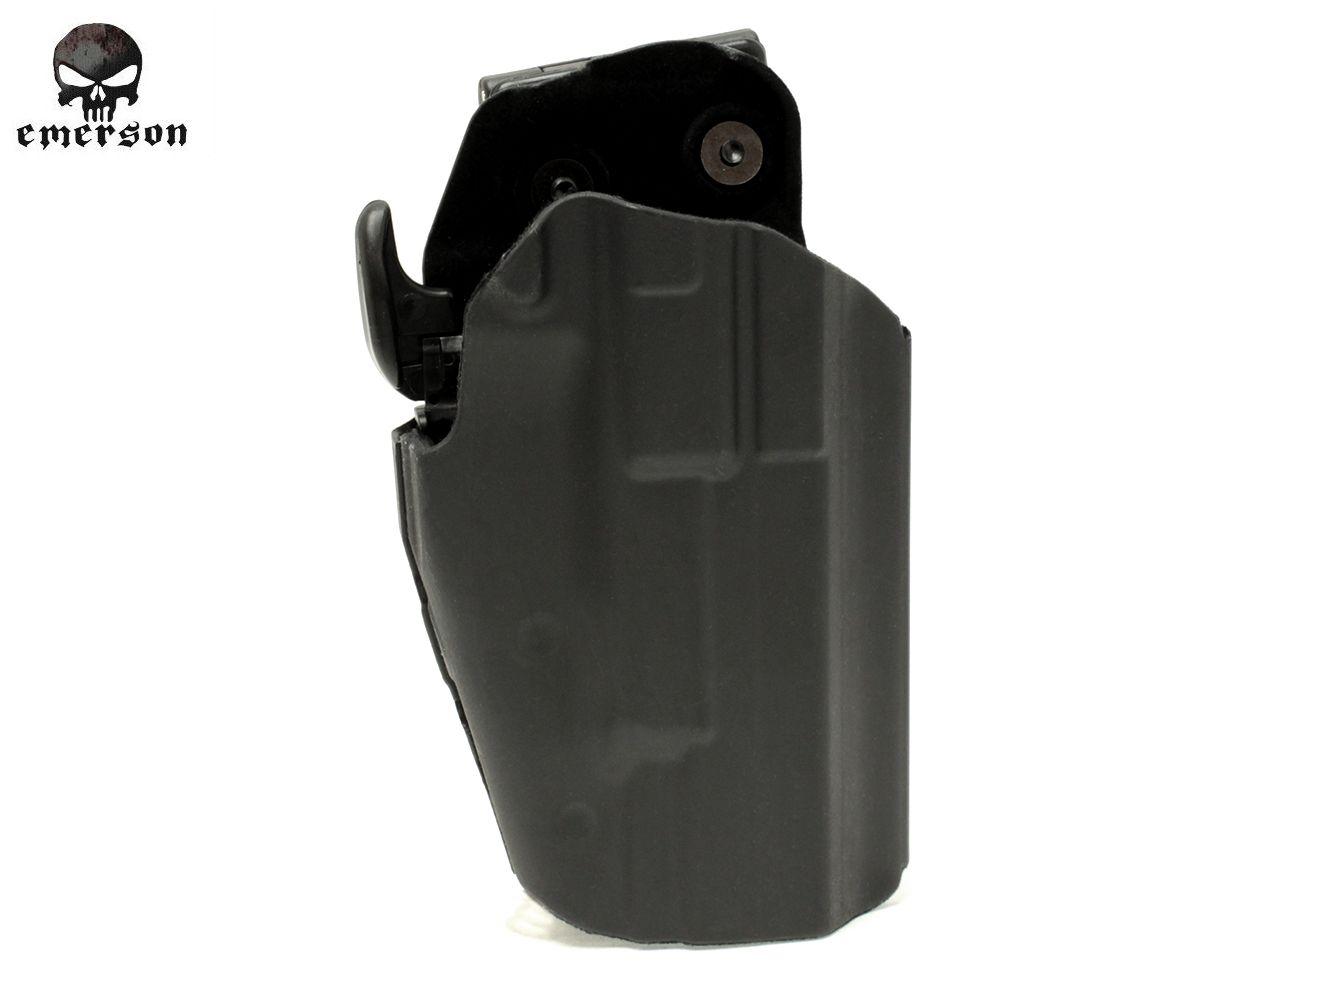 EMERSON GEAR 579 GLS PRO-FIT ホルスター◆BK エマーソンギア タクティカルホルスター ハンドガン対応 シーソー式トリガーロック採用 シム付 P226 HK45 M1911